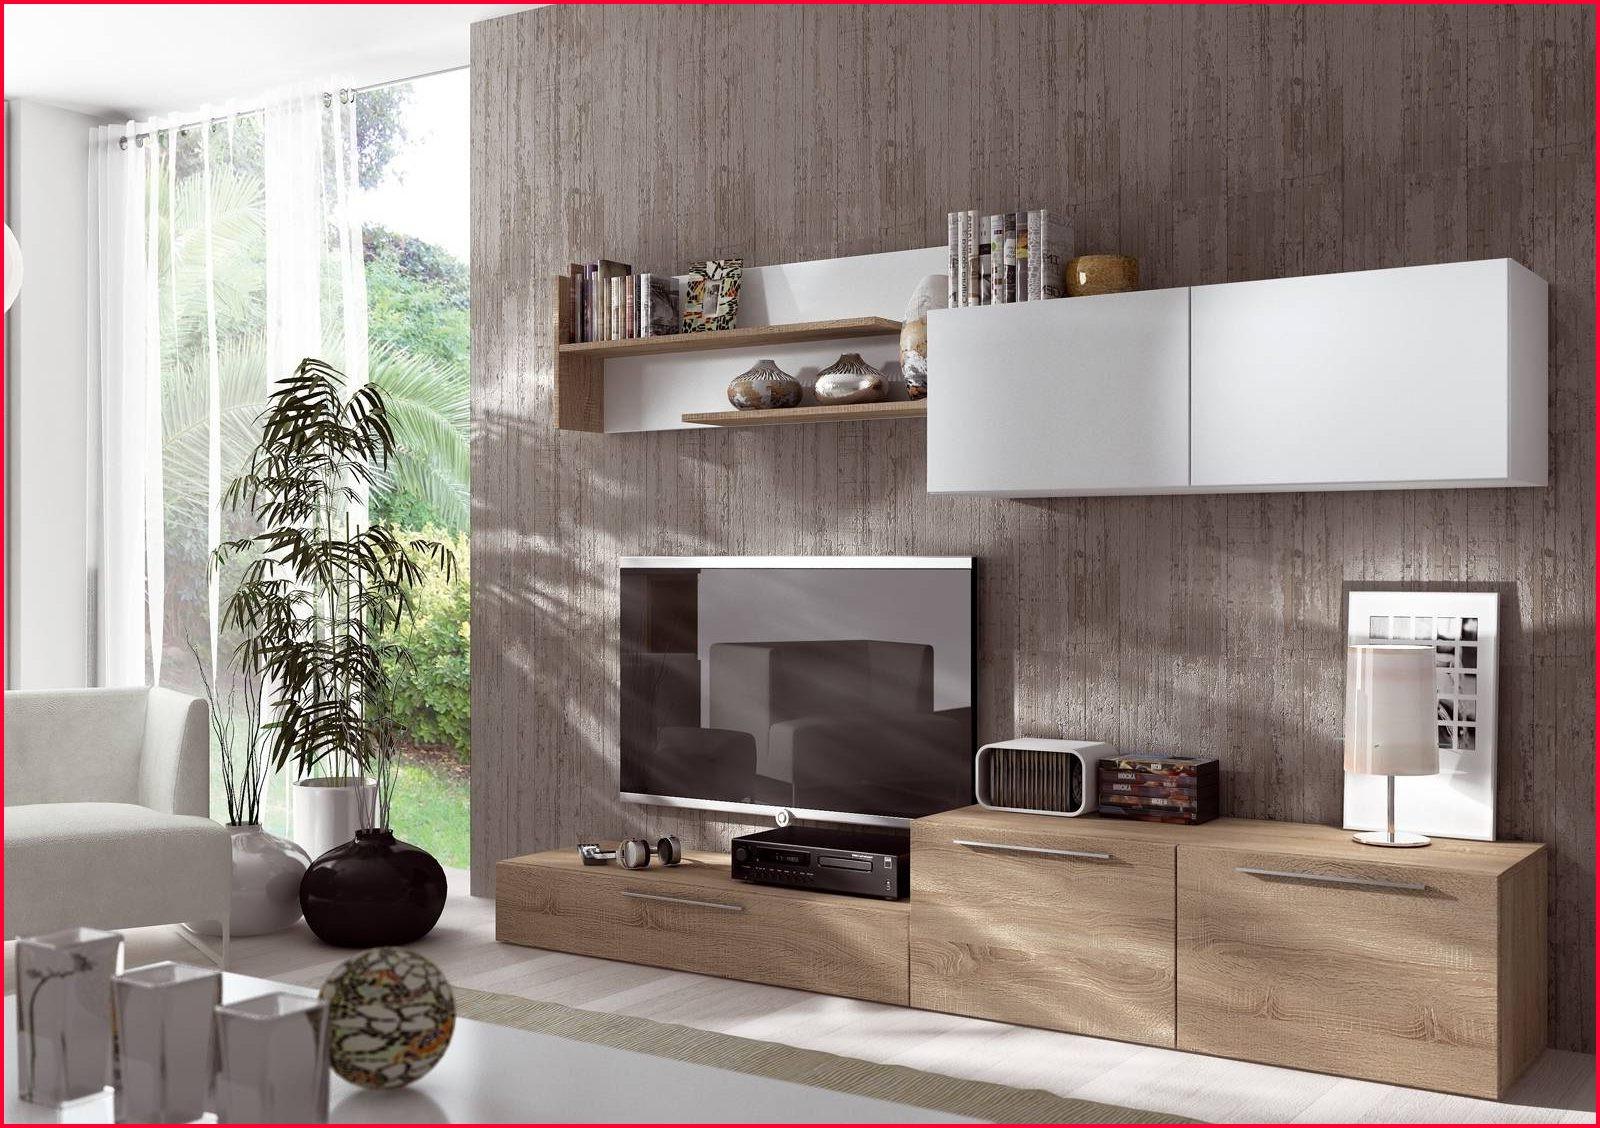 Muebles De Salon Merkamueble Wddj Muebles De Salon Merkamueble à 5 Ideas Para Decorar Salones